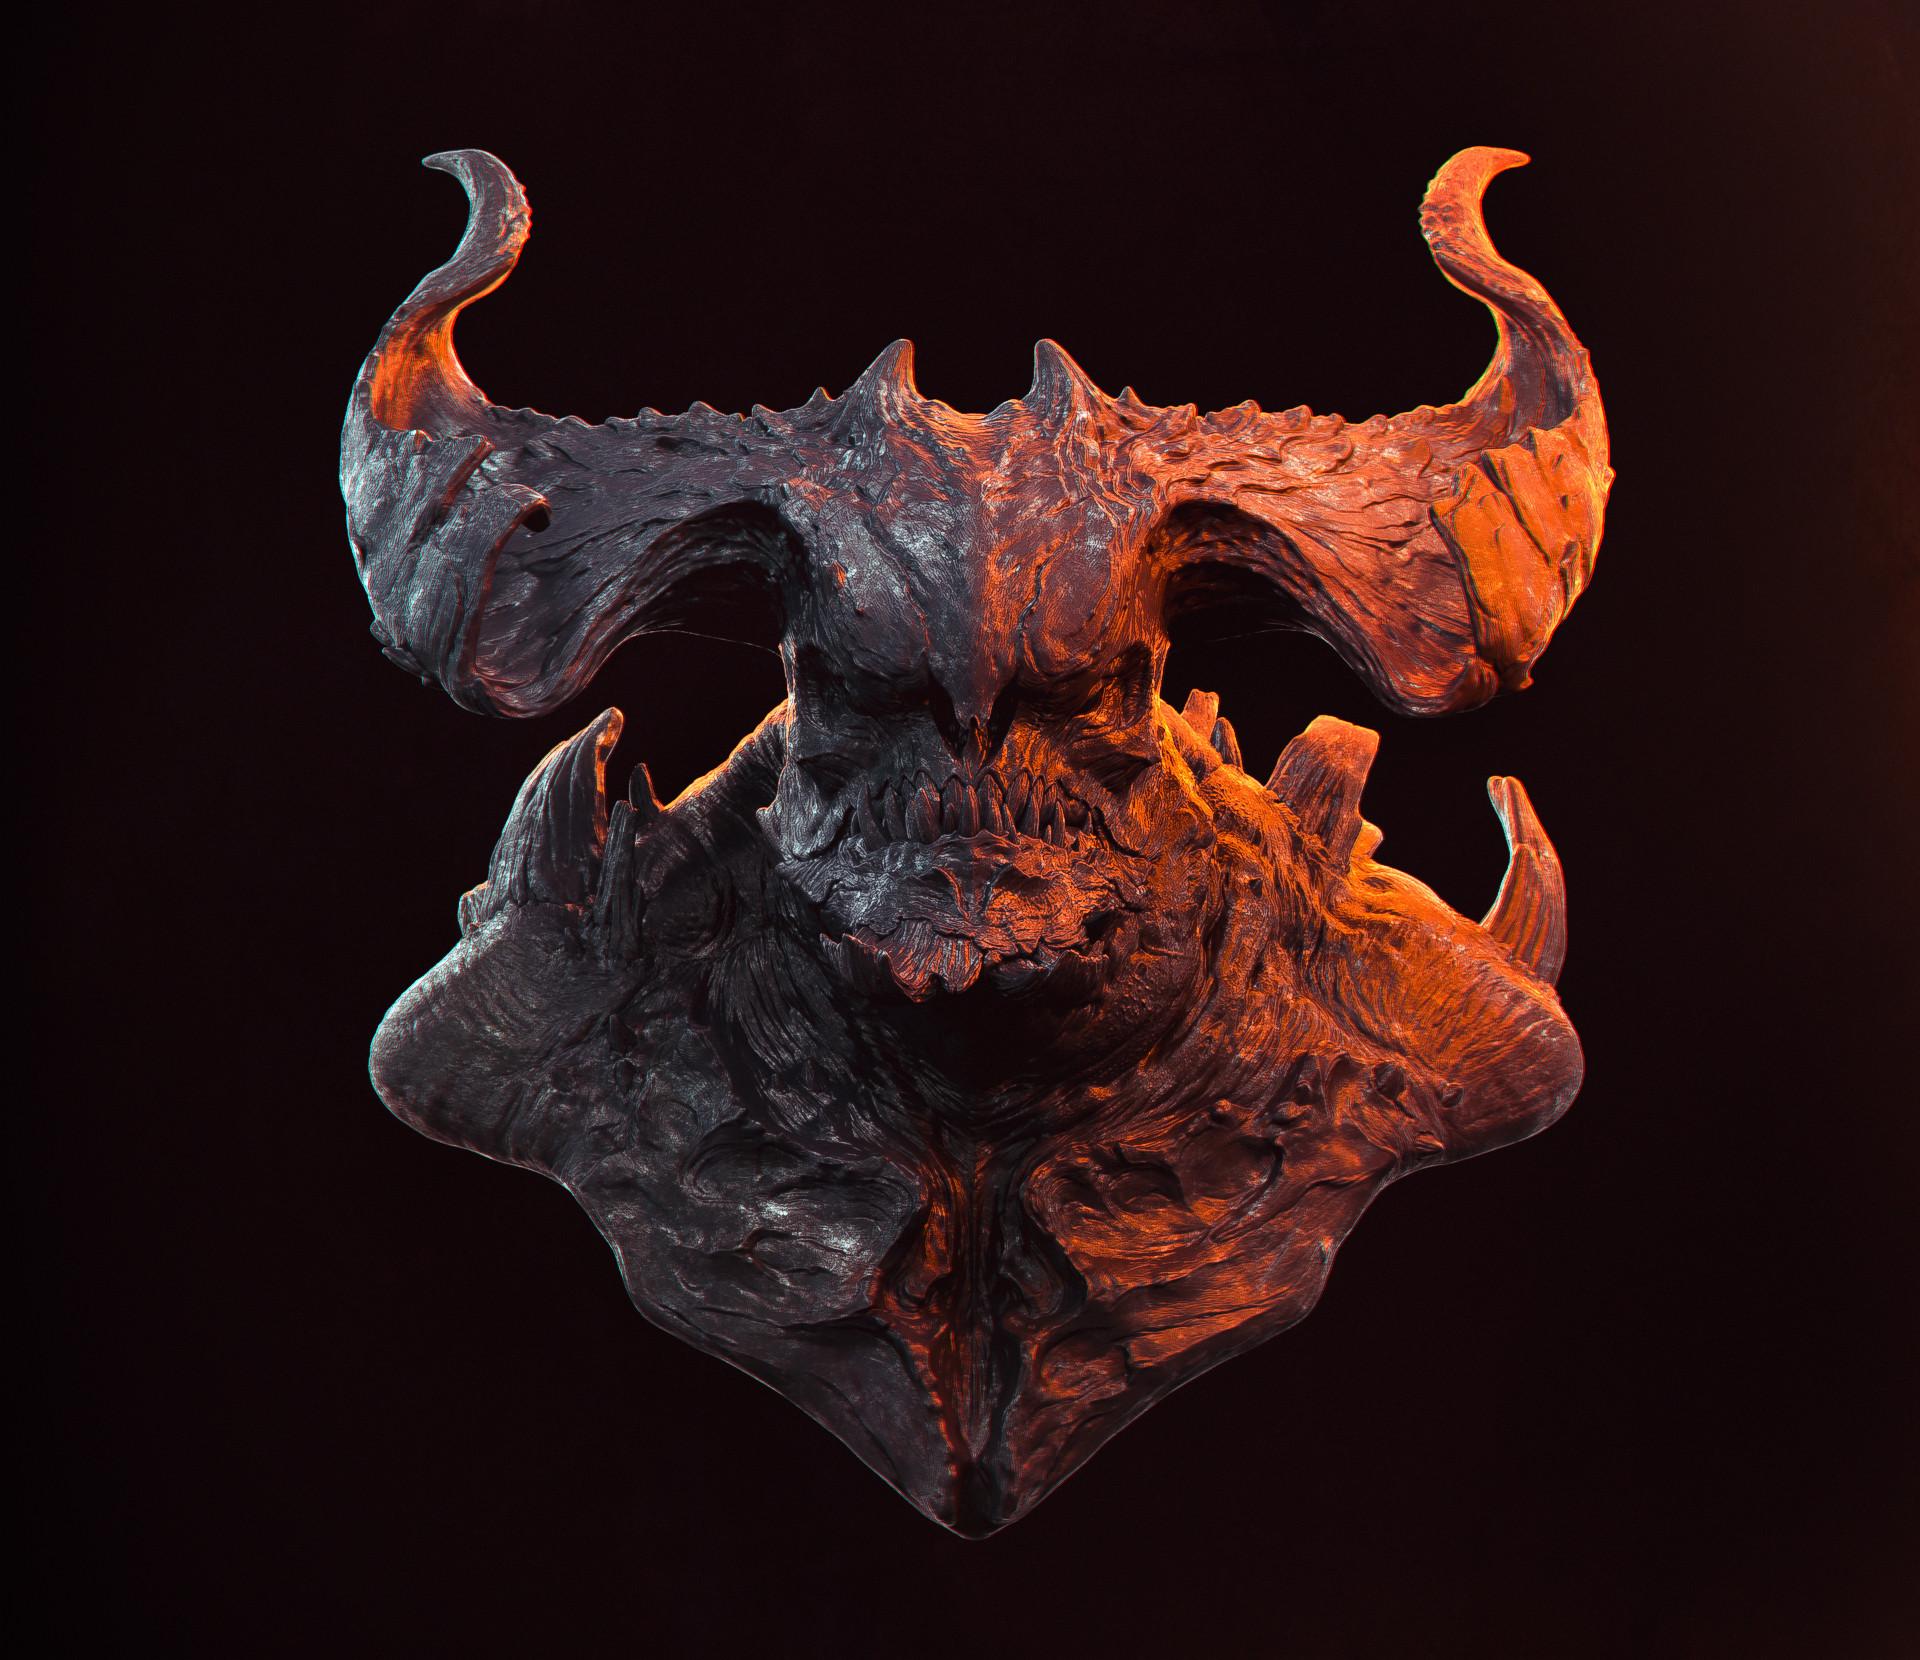 Romain pommier demon bust 2